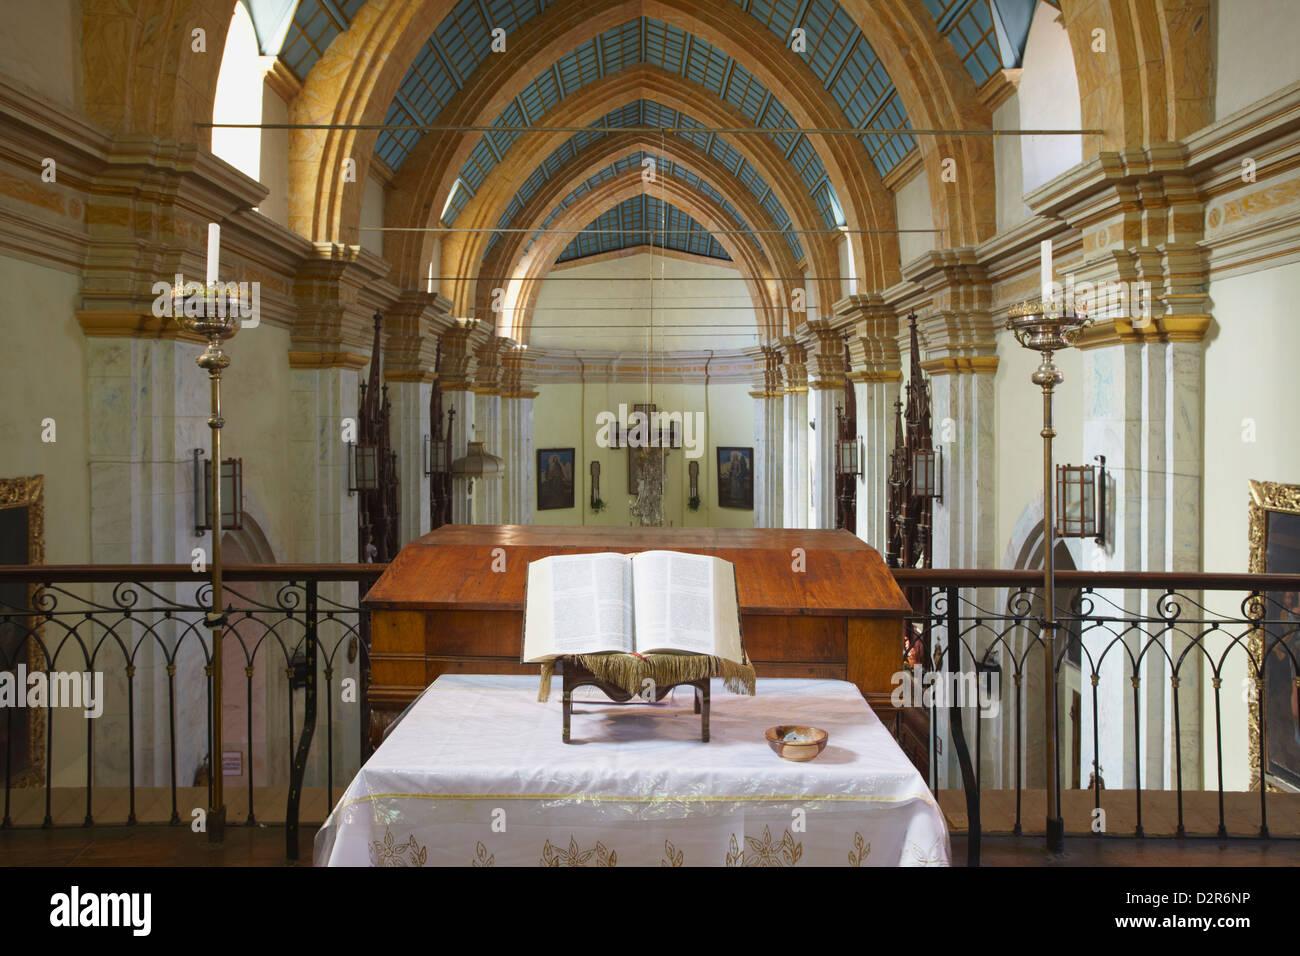 Intérieur de l'Iglesia de la Recoleta Recoleta (église), Sucre, UNESCO World Heritage Site, Bolivie, Photo Stock